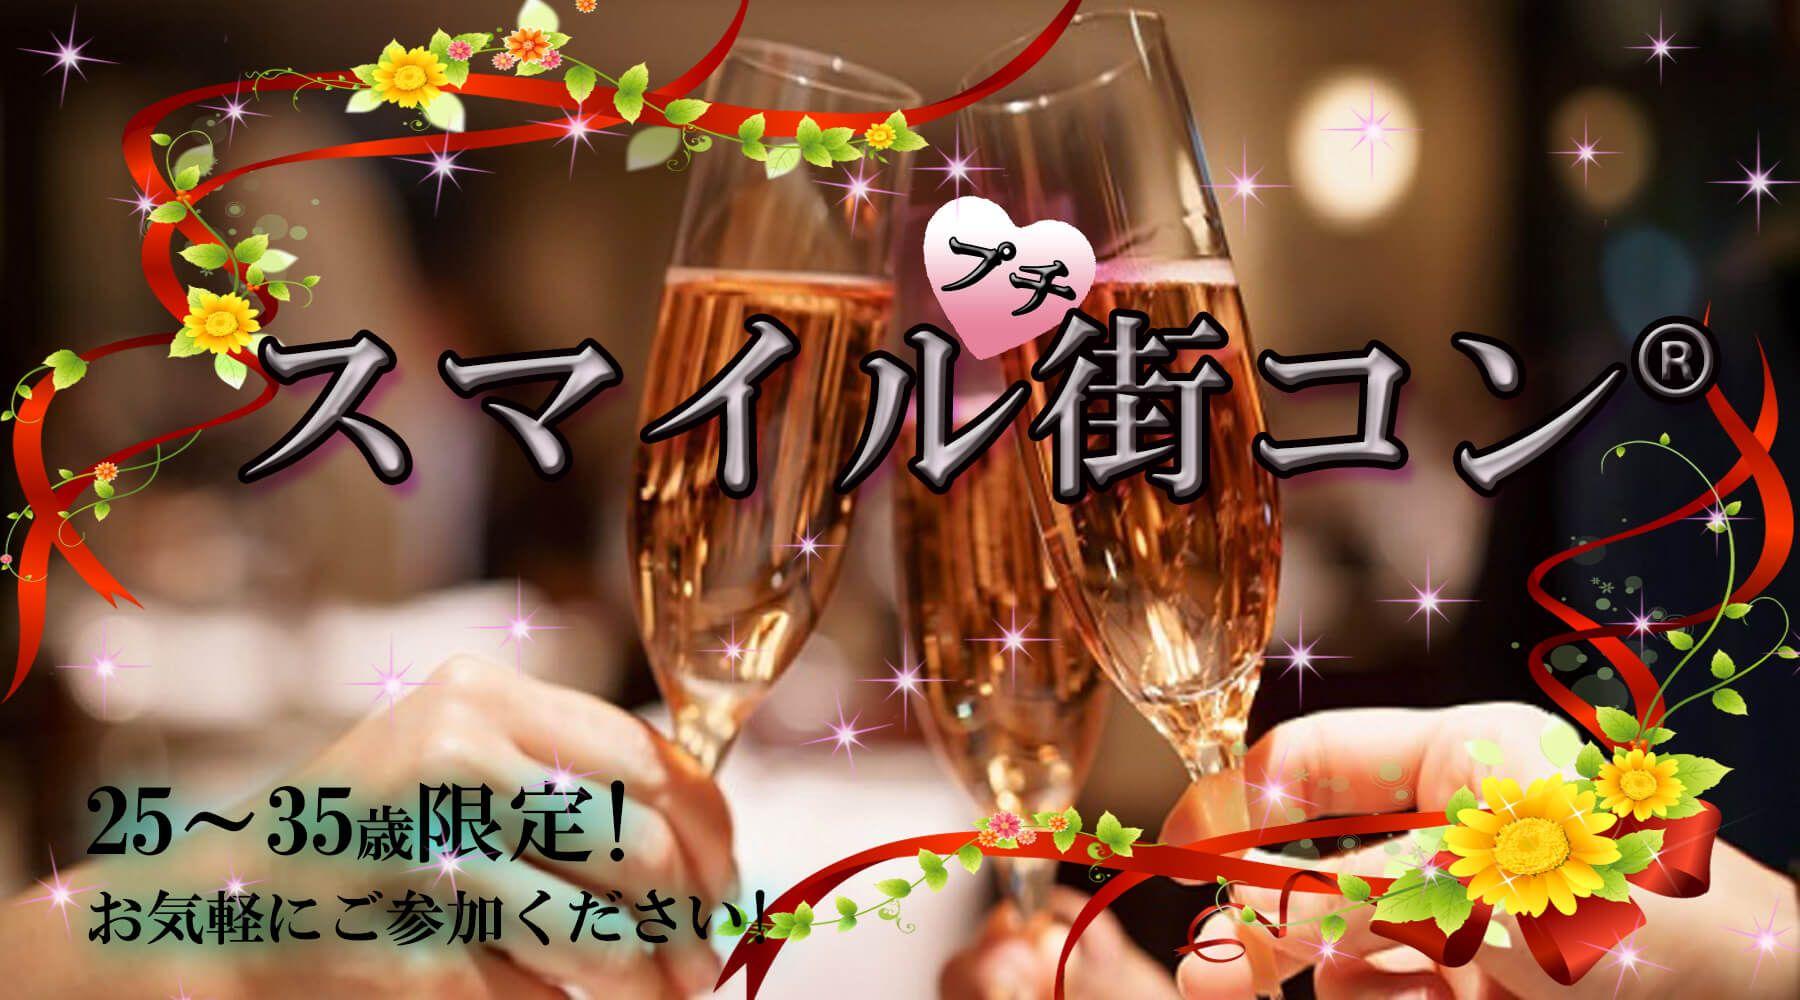 (3/11)25-35歳限定!同年代プチ街コン(R)in富山